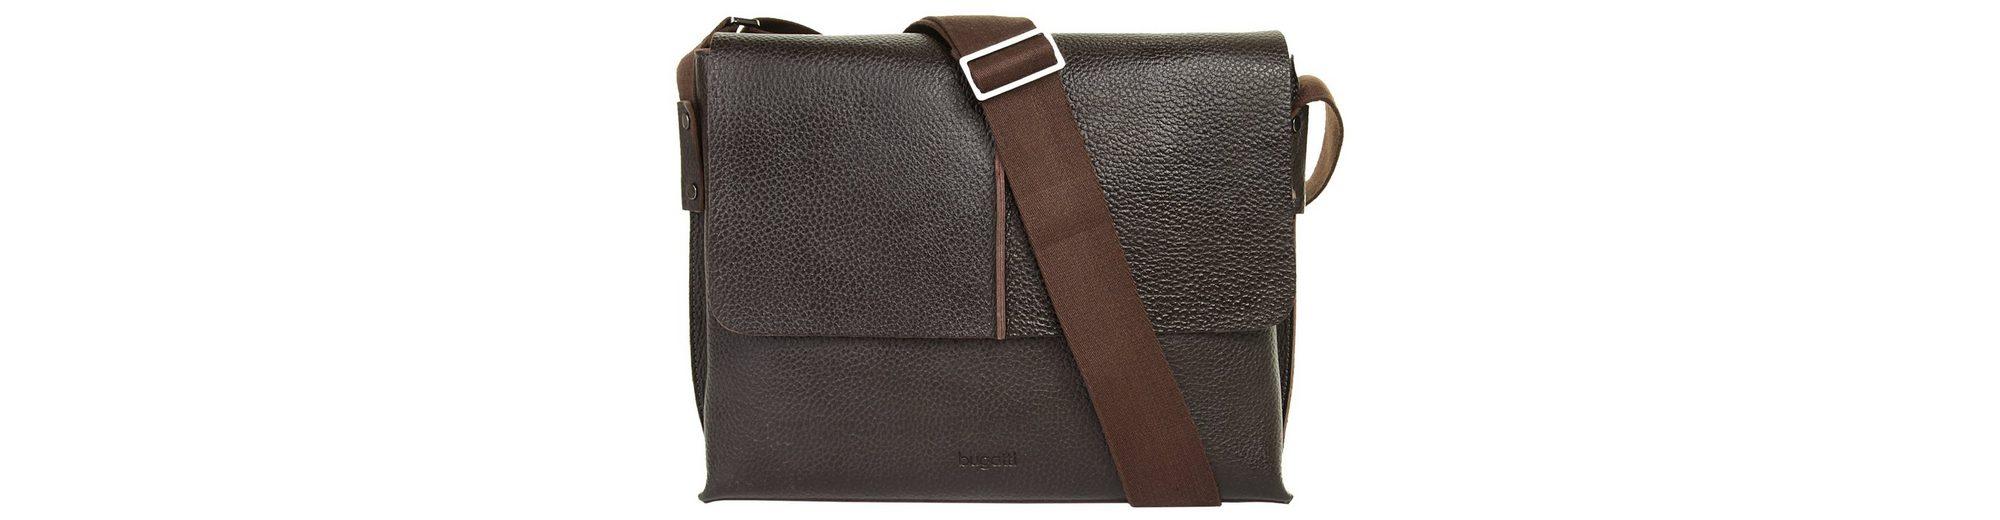 Bugatti Leder Messenger Tasche MILANO